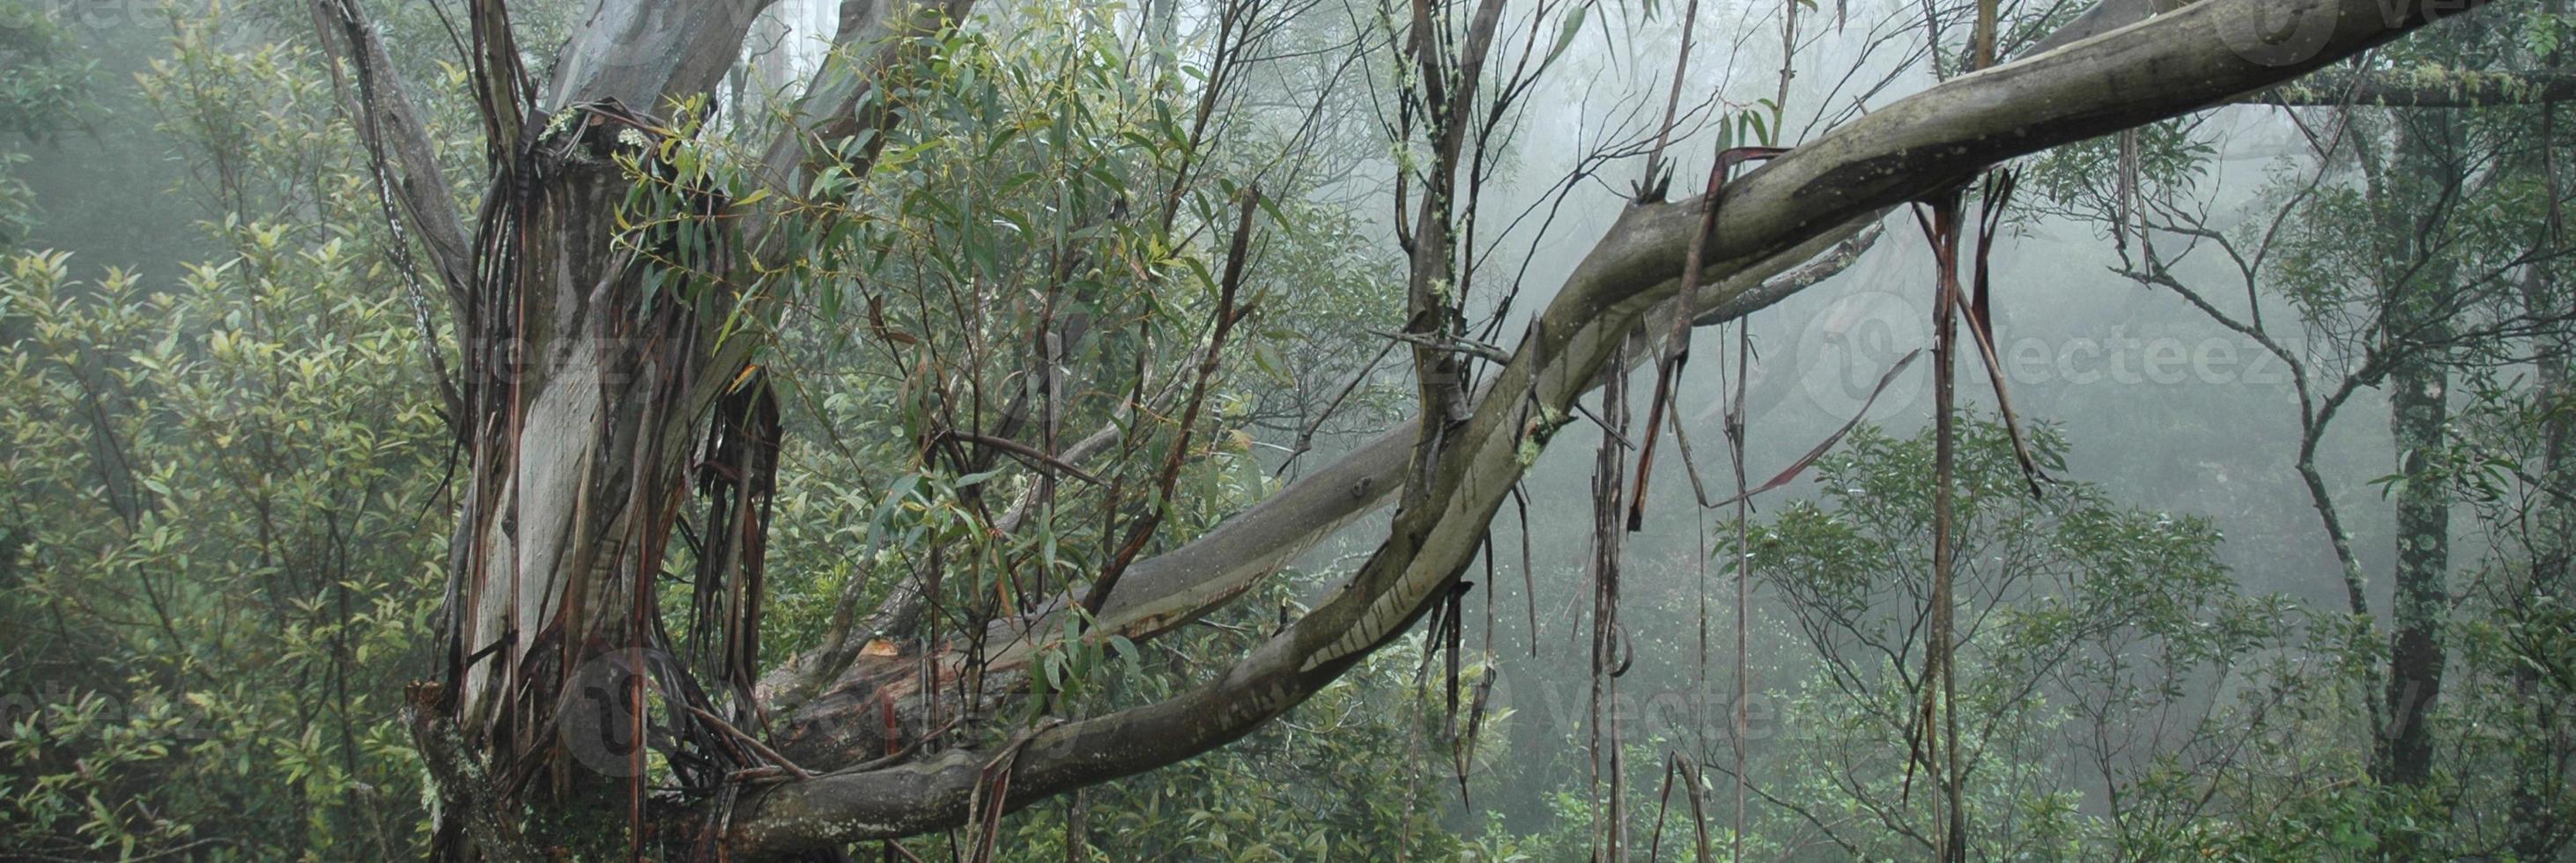 skogen foto